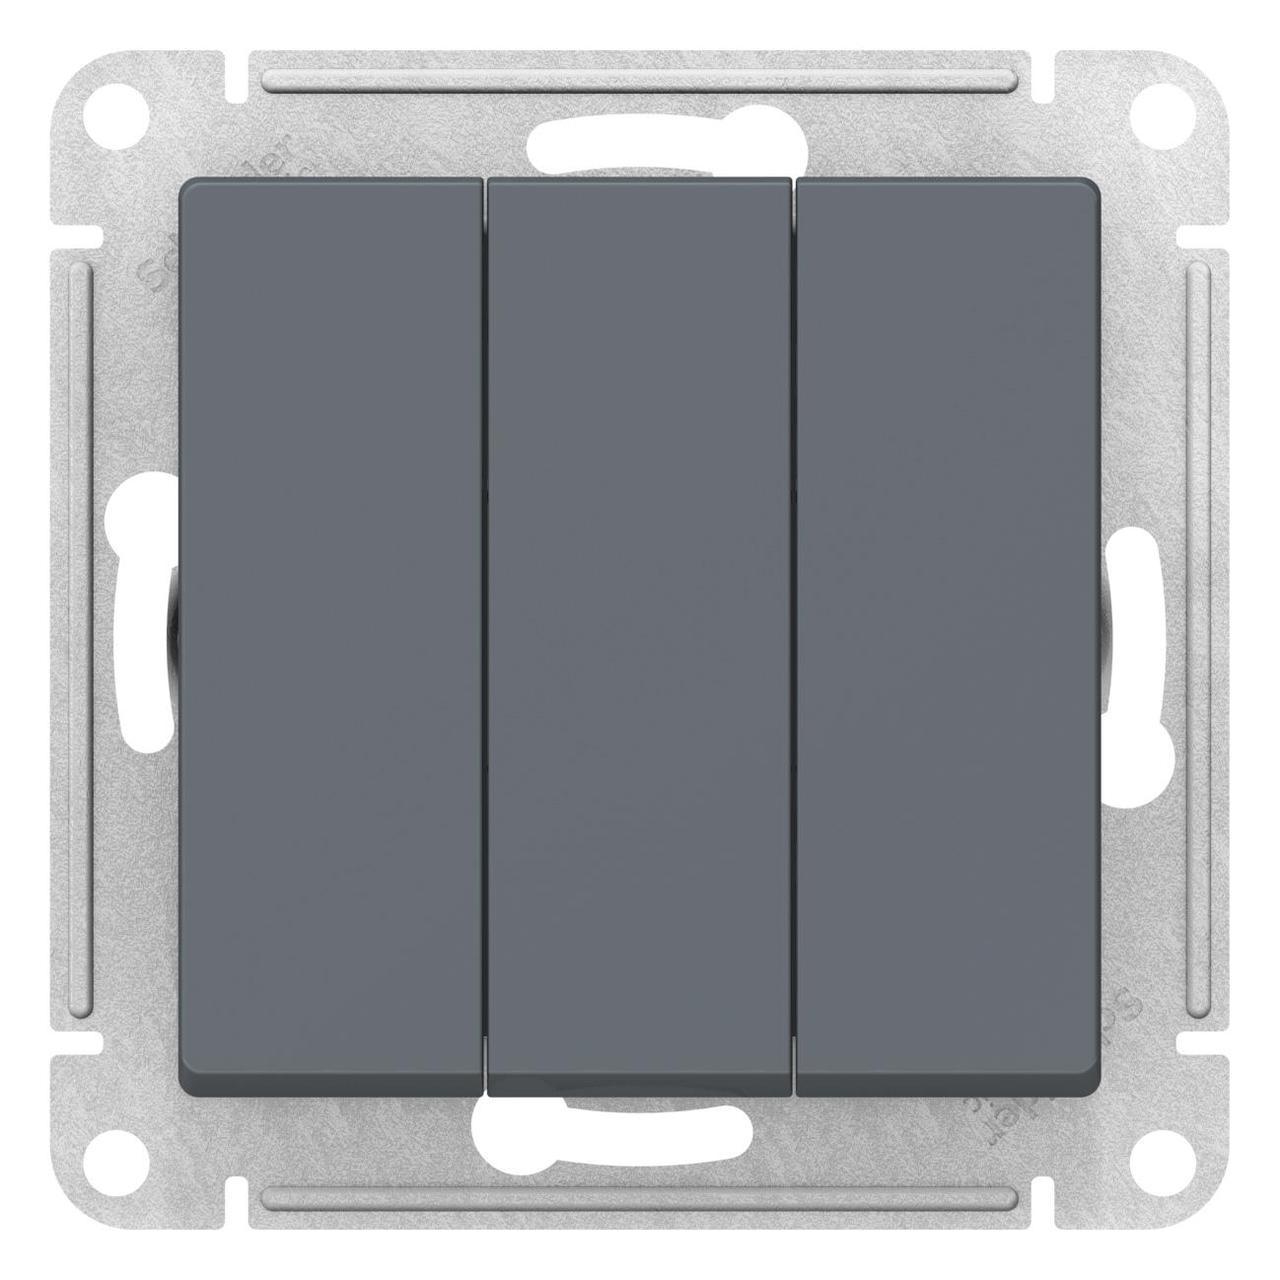 Выключатель 3-клавишный , Грифель, серия Atlas Design, Schneider Electric